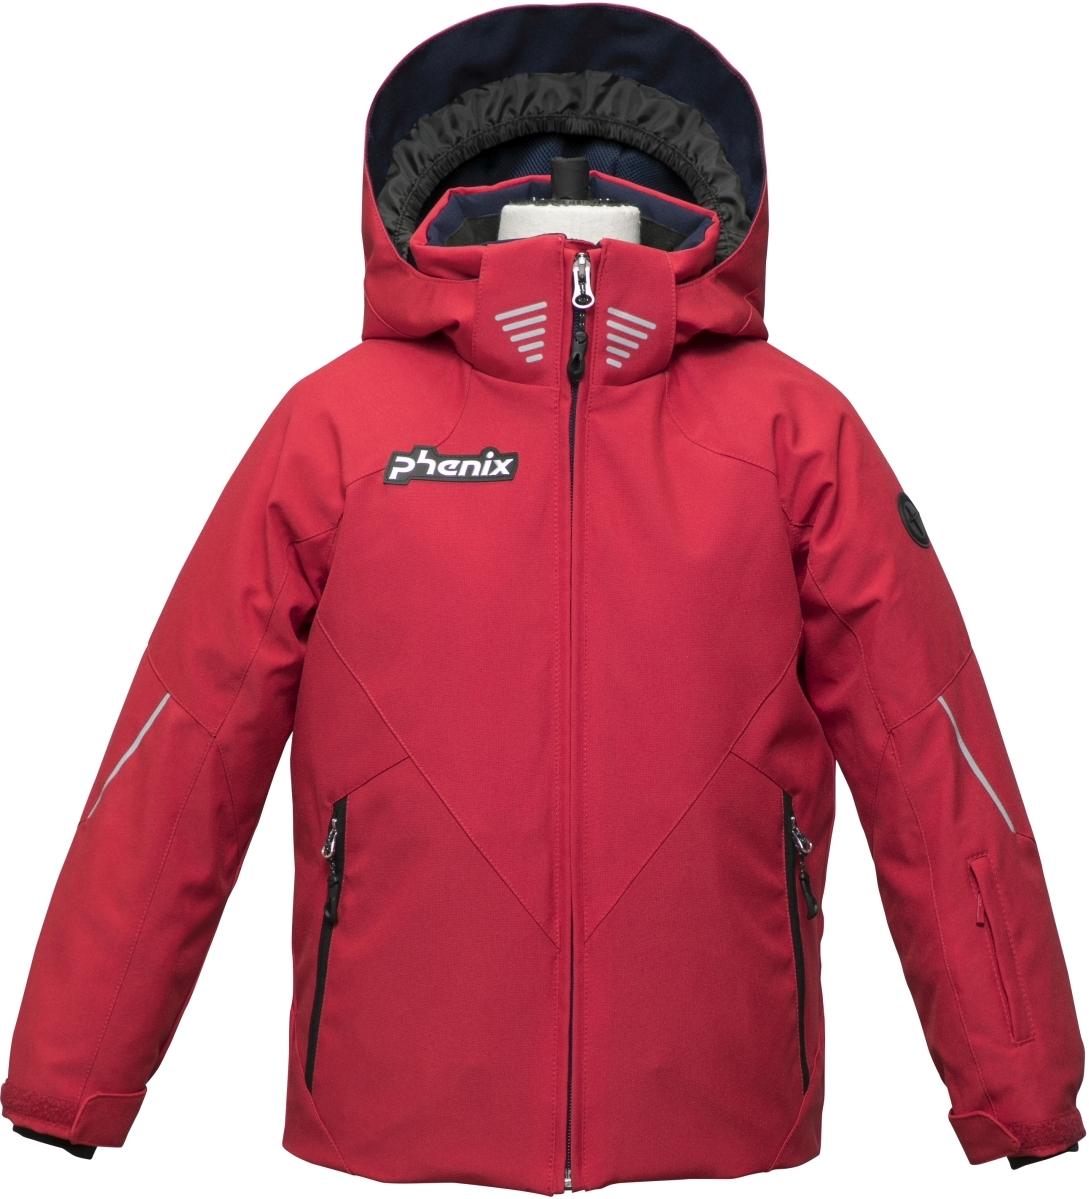 79db084801 Dětská lyžařská bunda Phenix Norway Alpine Team Kids Jacket - DR ...